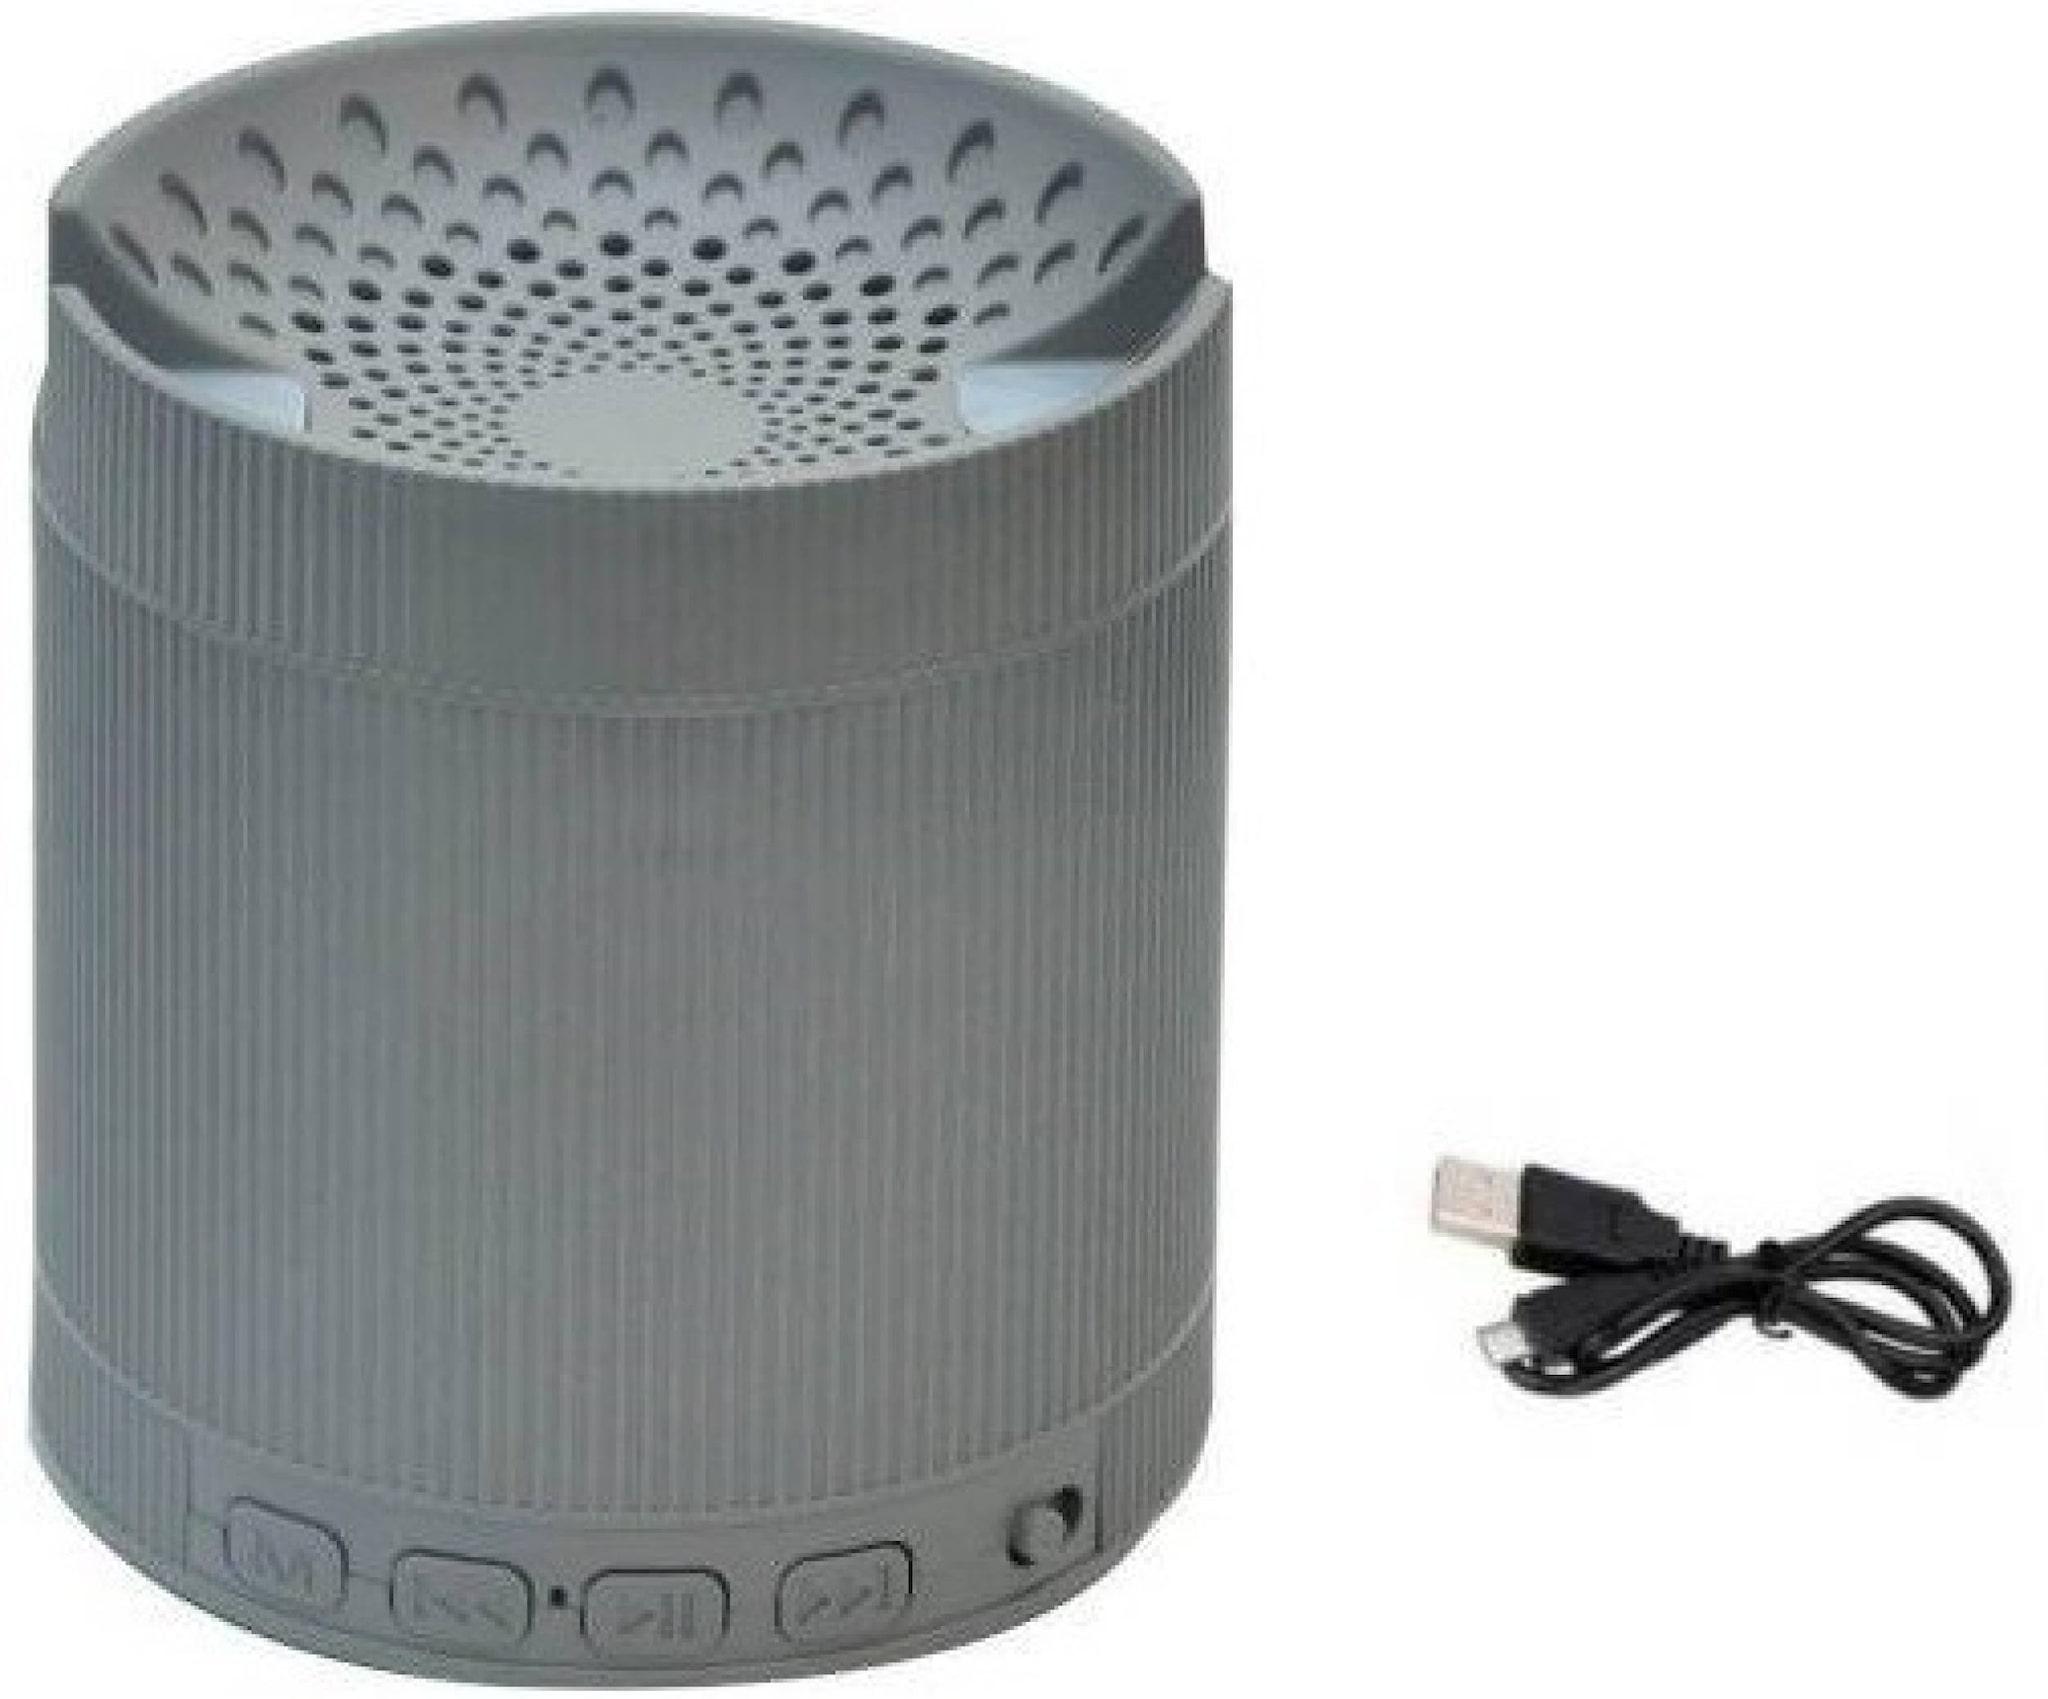 Crystal Digital XQ3 Bluetooth Portable speaker   Grey   by Advance Multimedia